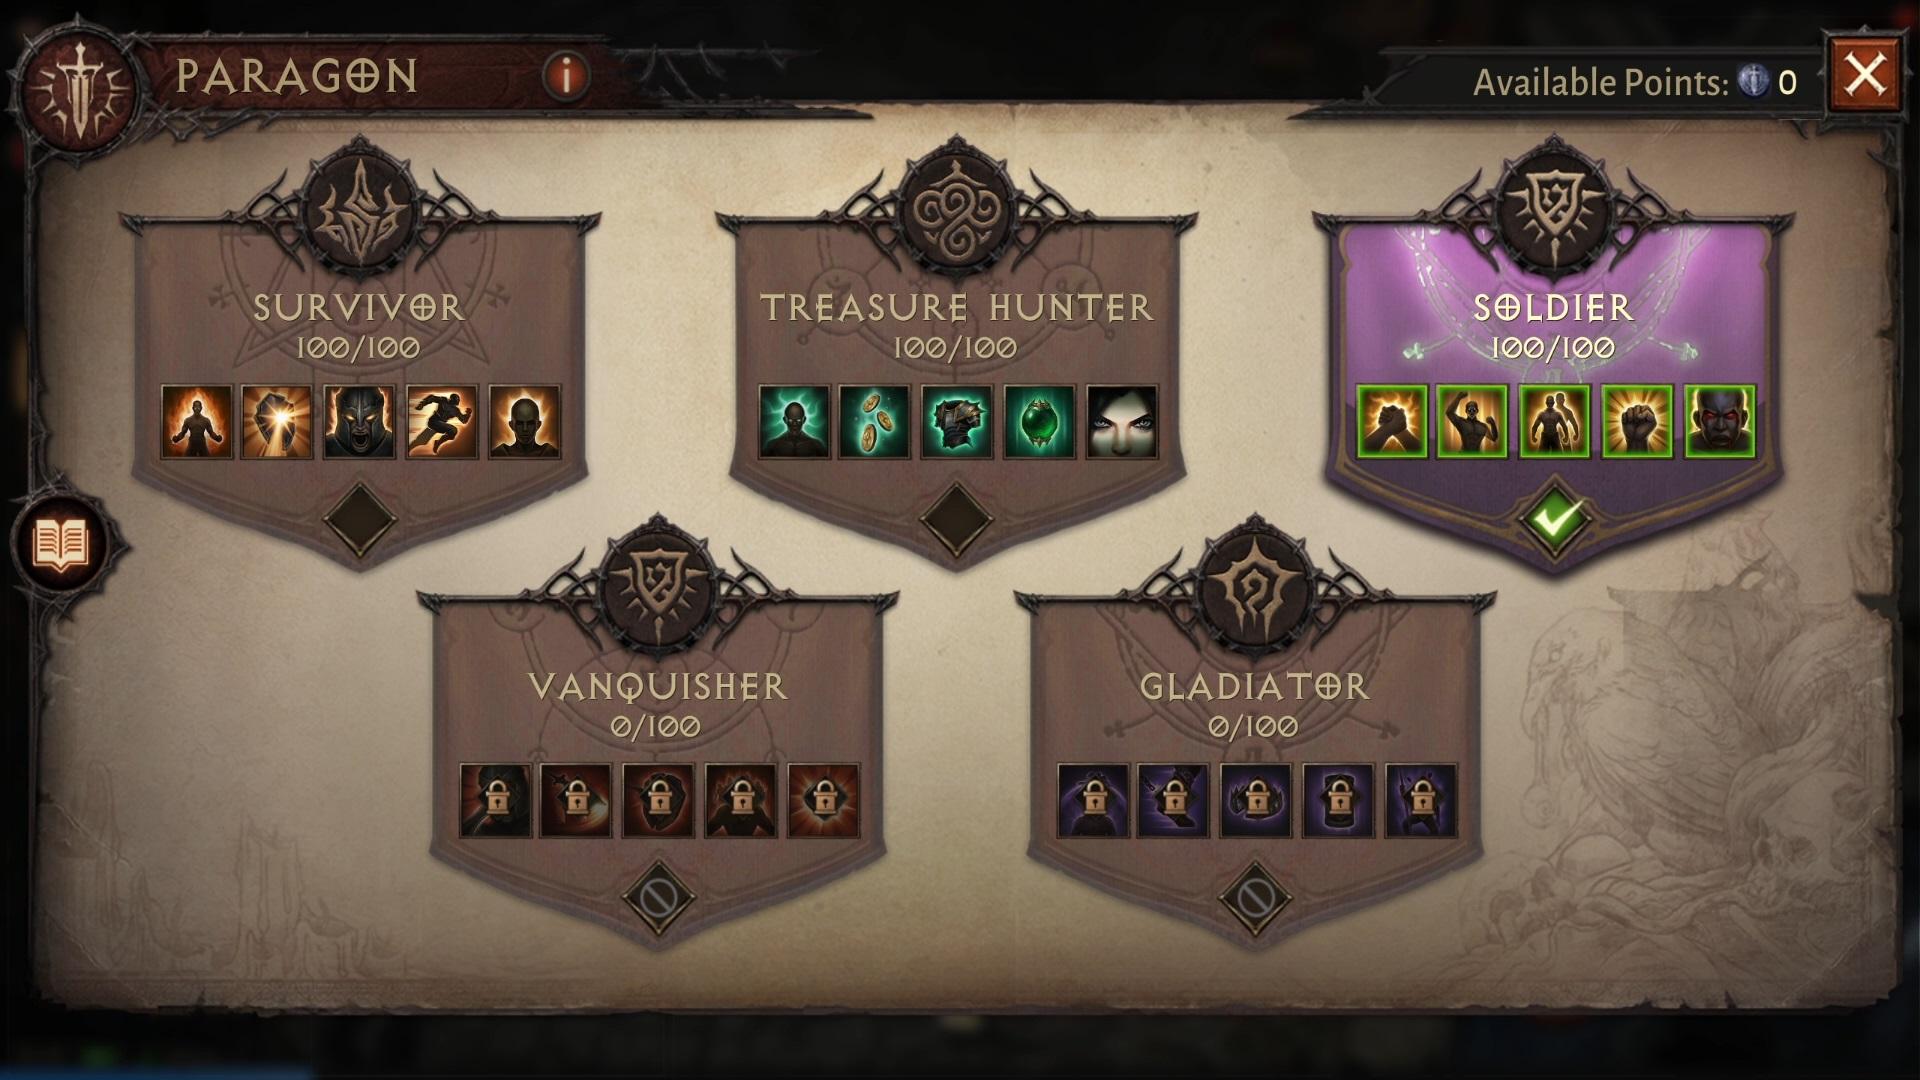 No alfa fechado já era possível subir até o nível 55 e testar parte do conteúdo do endgame, além de fortalecer ainda mais os heróis